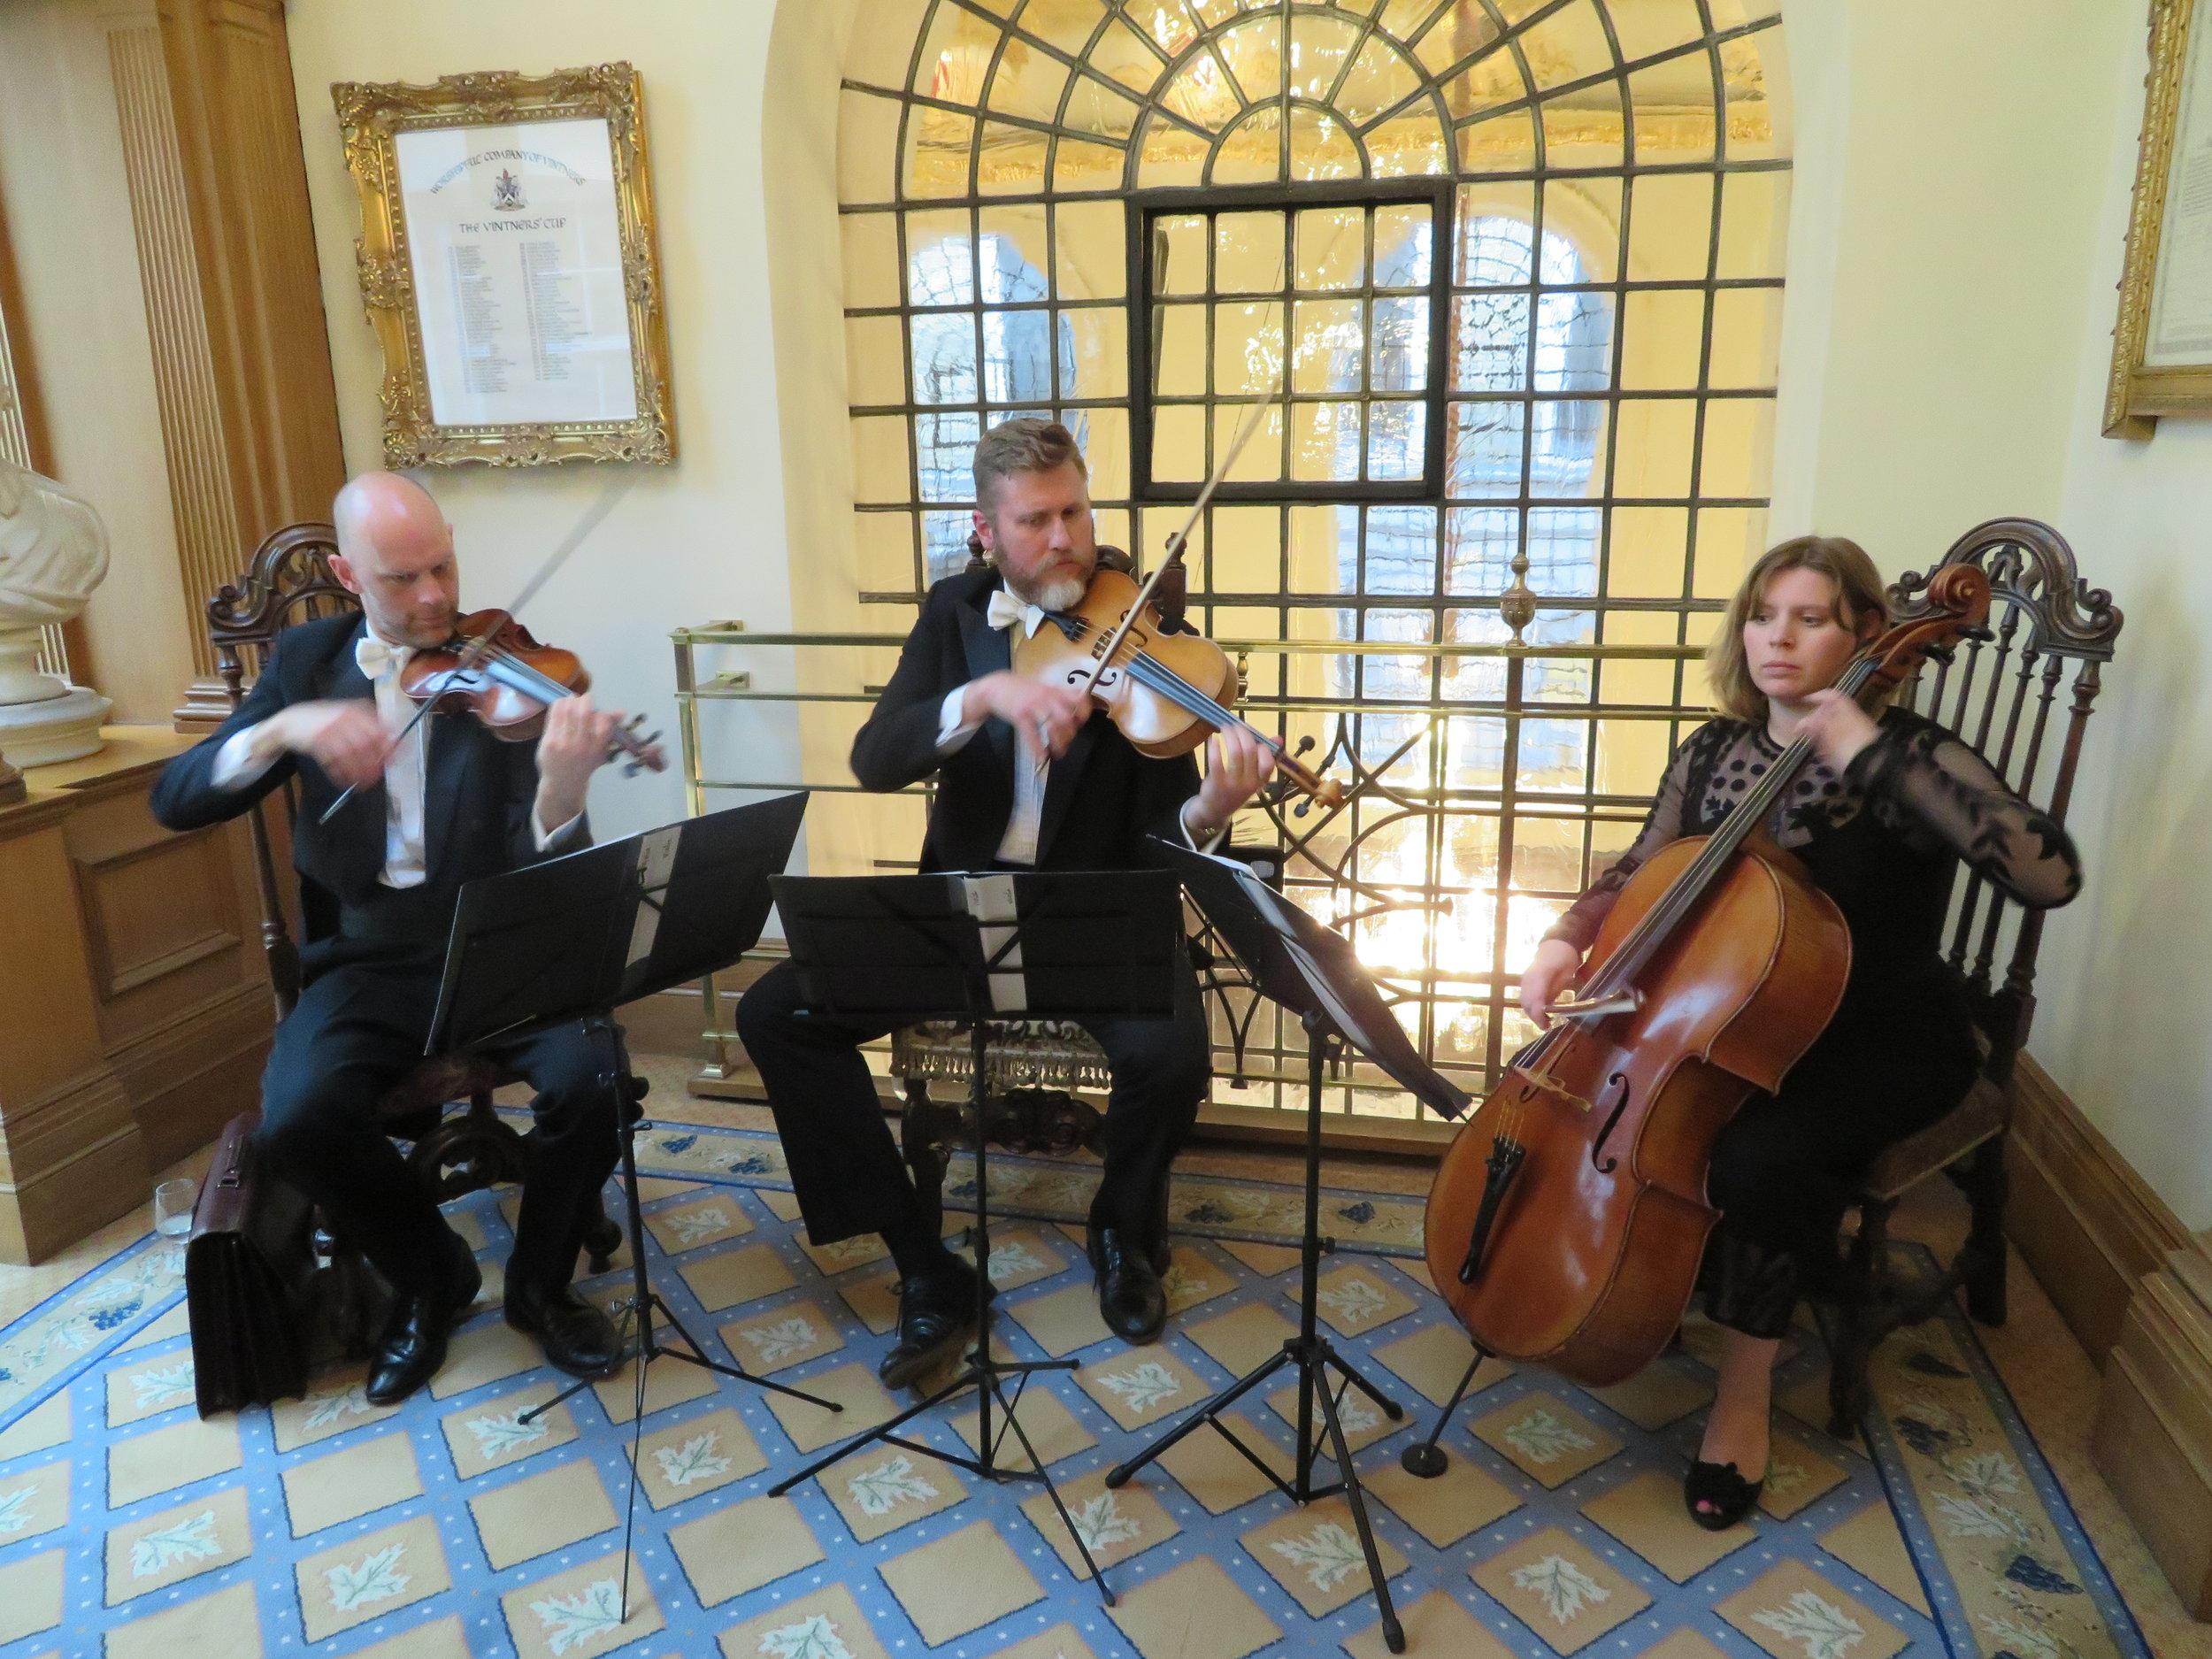 Bowfins Trio - Adrian Garratt, Brooke Day & Flora Allison